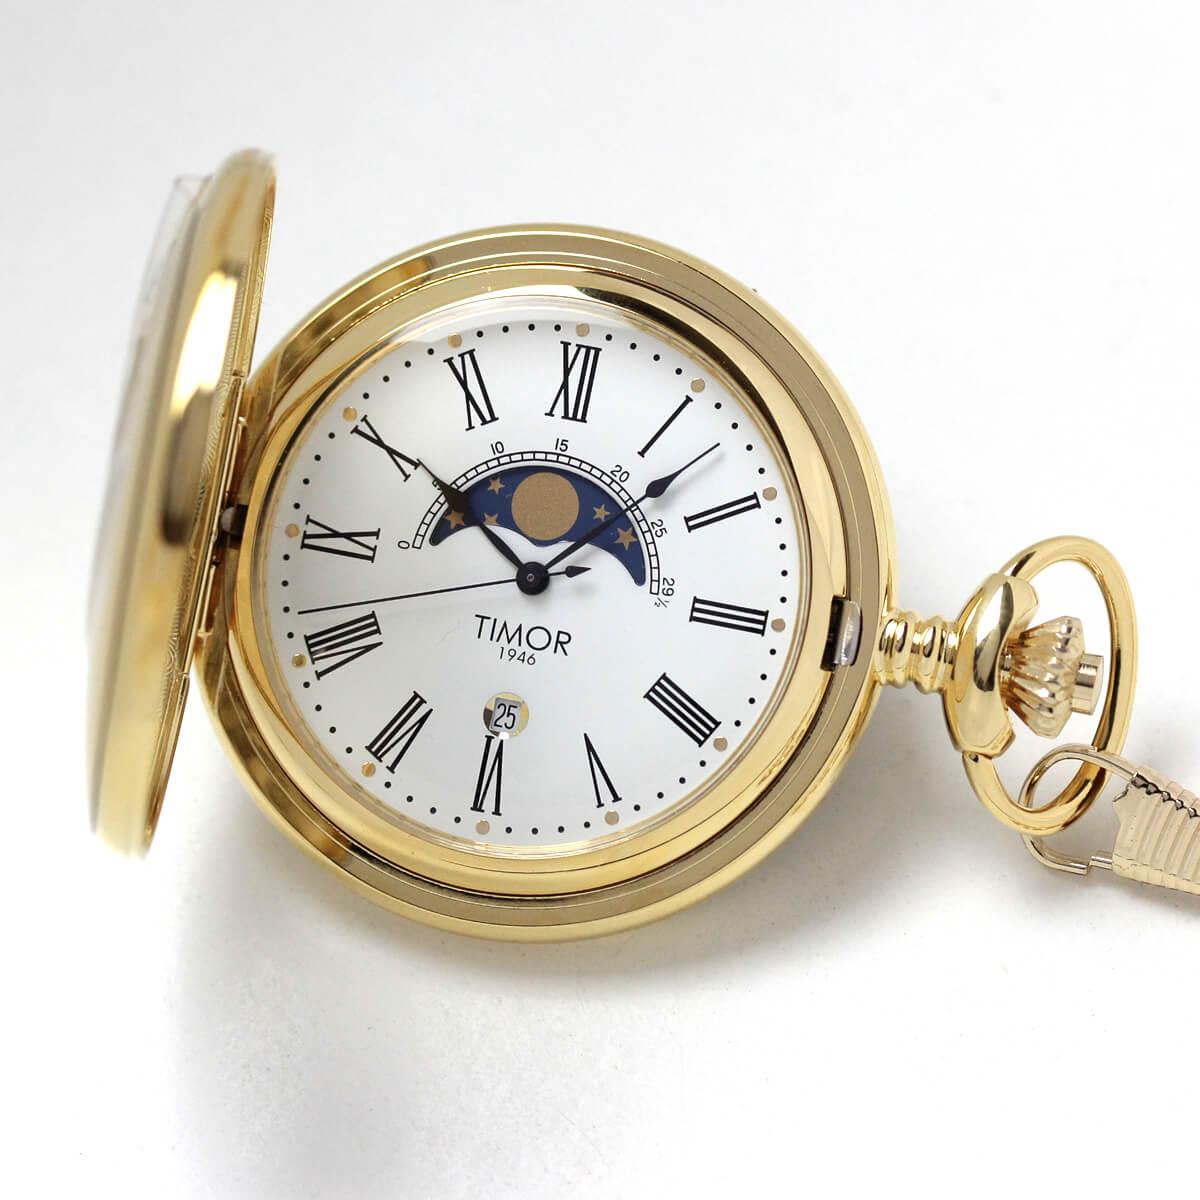 timor(ティモール) 懐中時計 ゴールドカラー ムーンフェイズとカレンダー付き